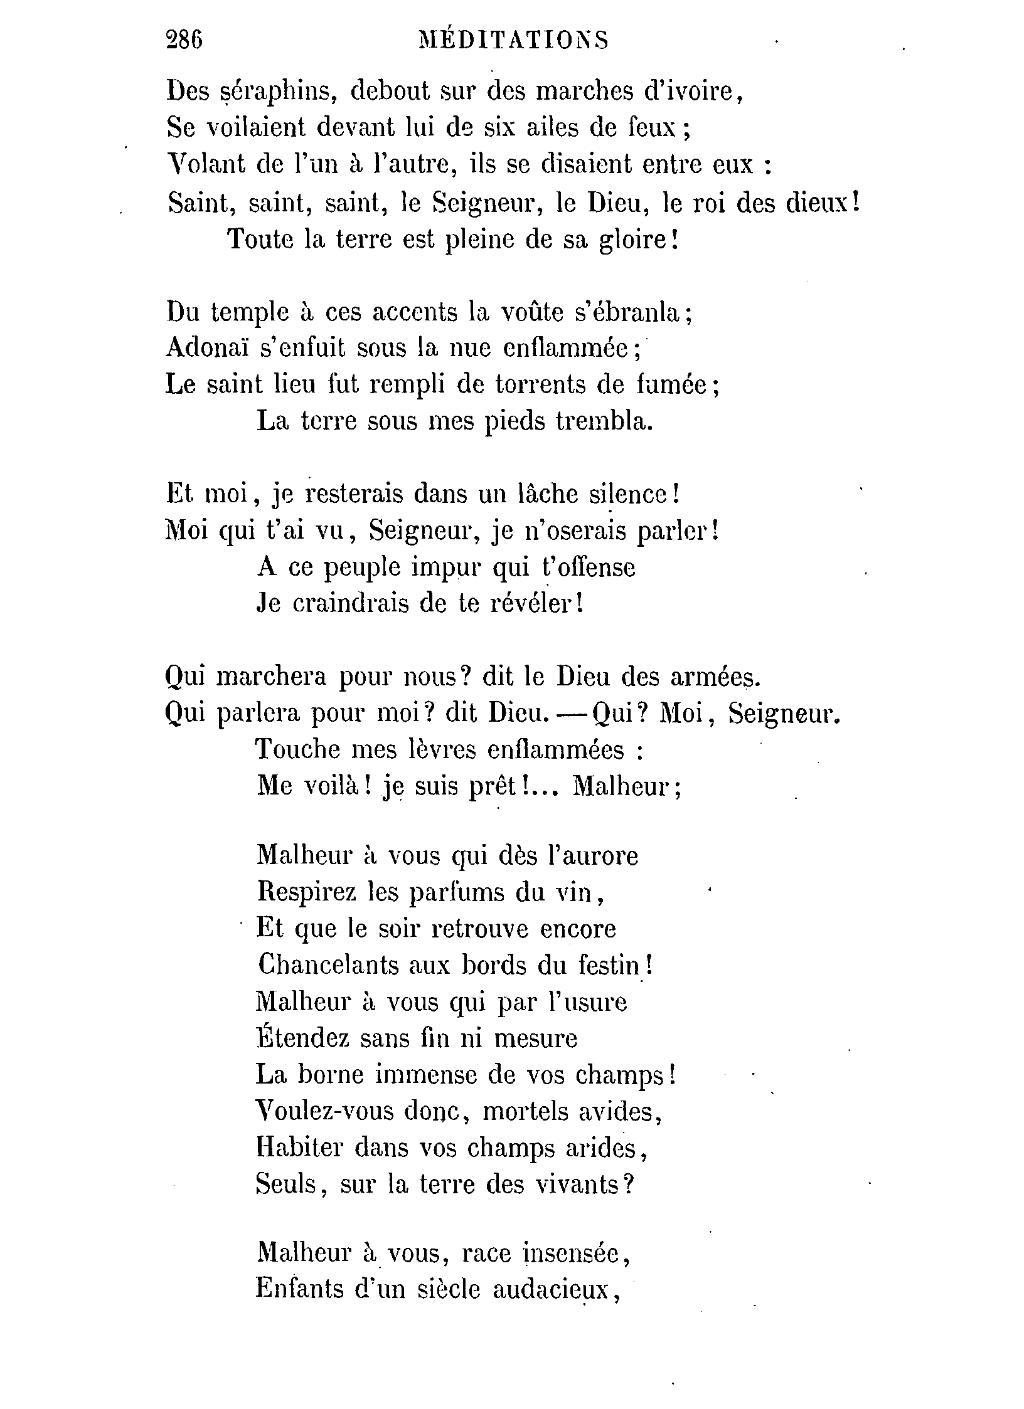 L'autre Terre Des Dieux Torrent : l'autre, terre, dieux, torrent, Page:Lamartine, Œuvres, Complètes, Lamartine,, 1.djvu/288, Wikisource